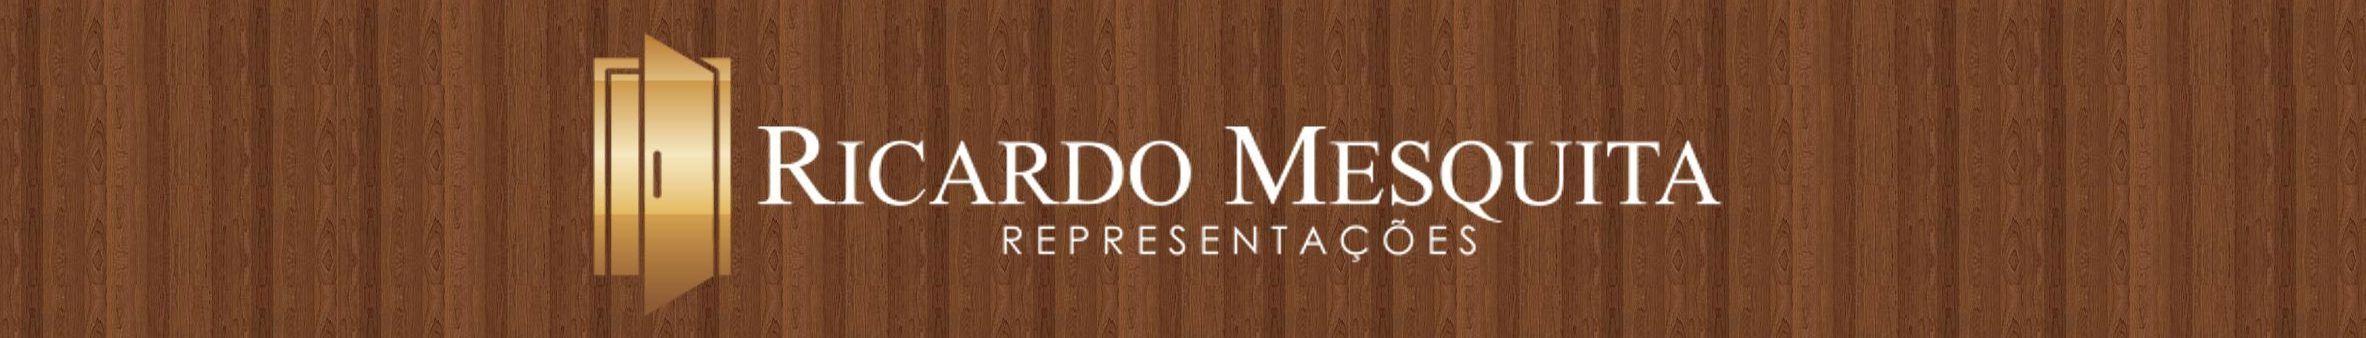 Ricardo Mesquita Representações